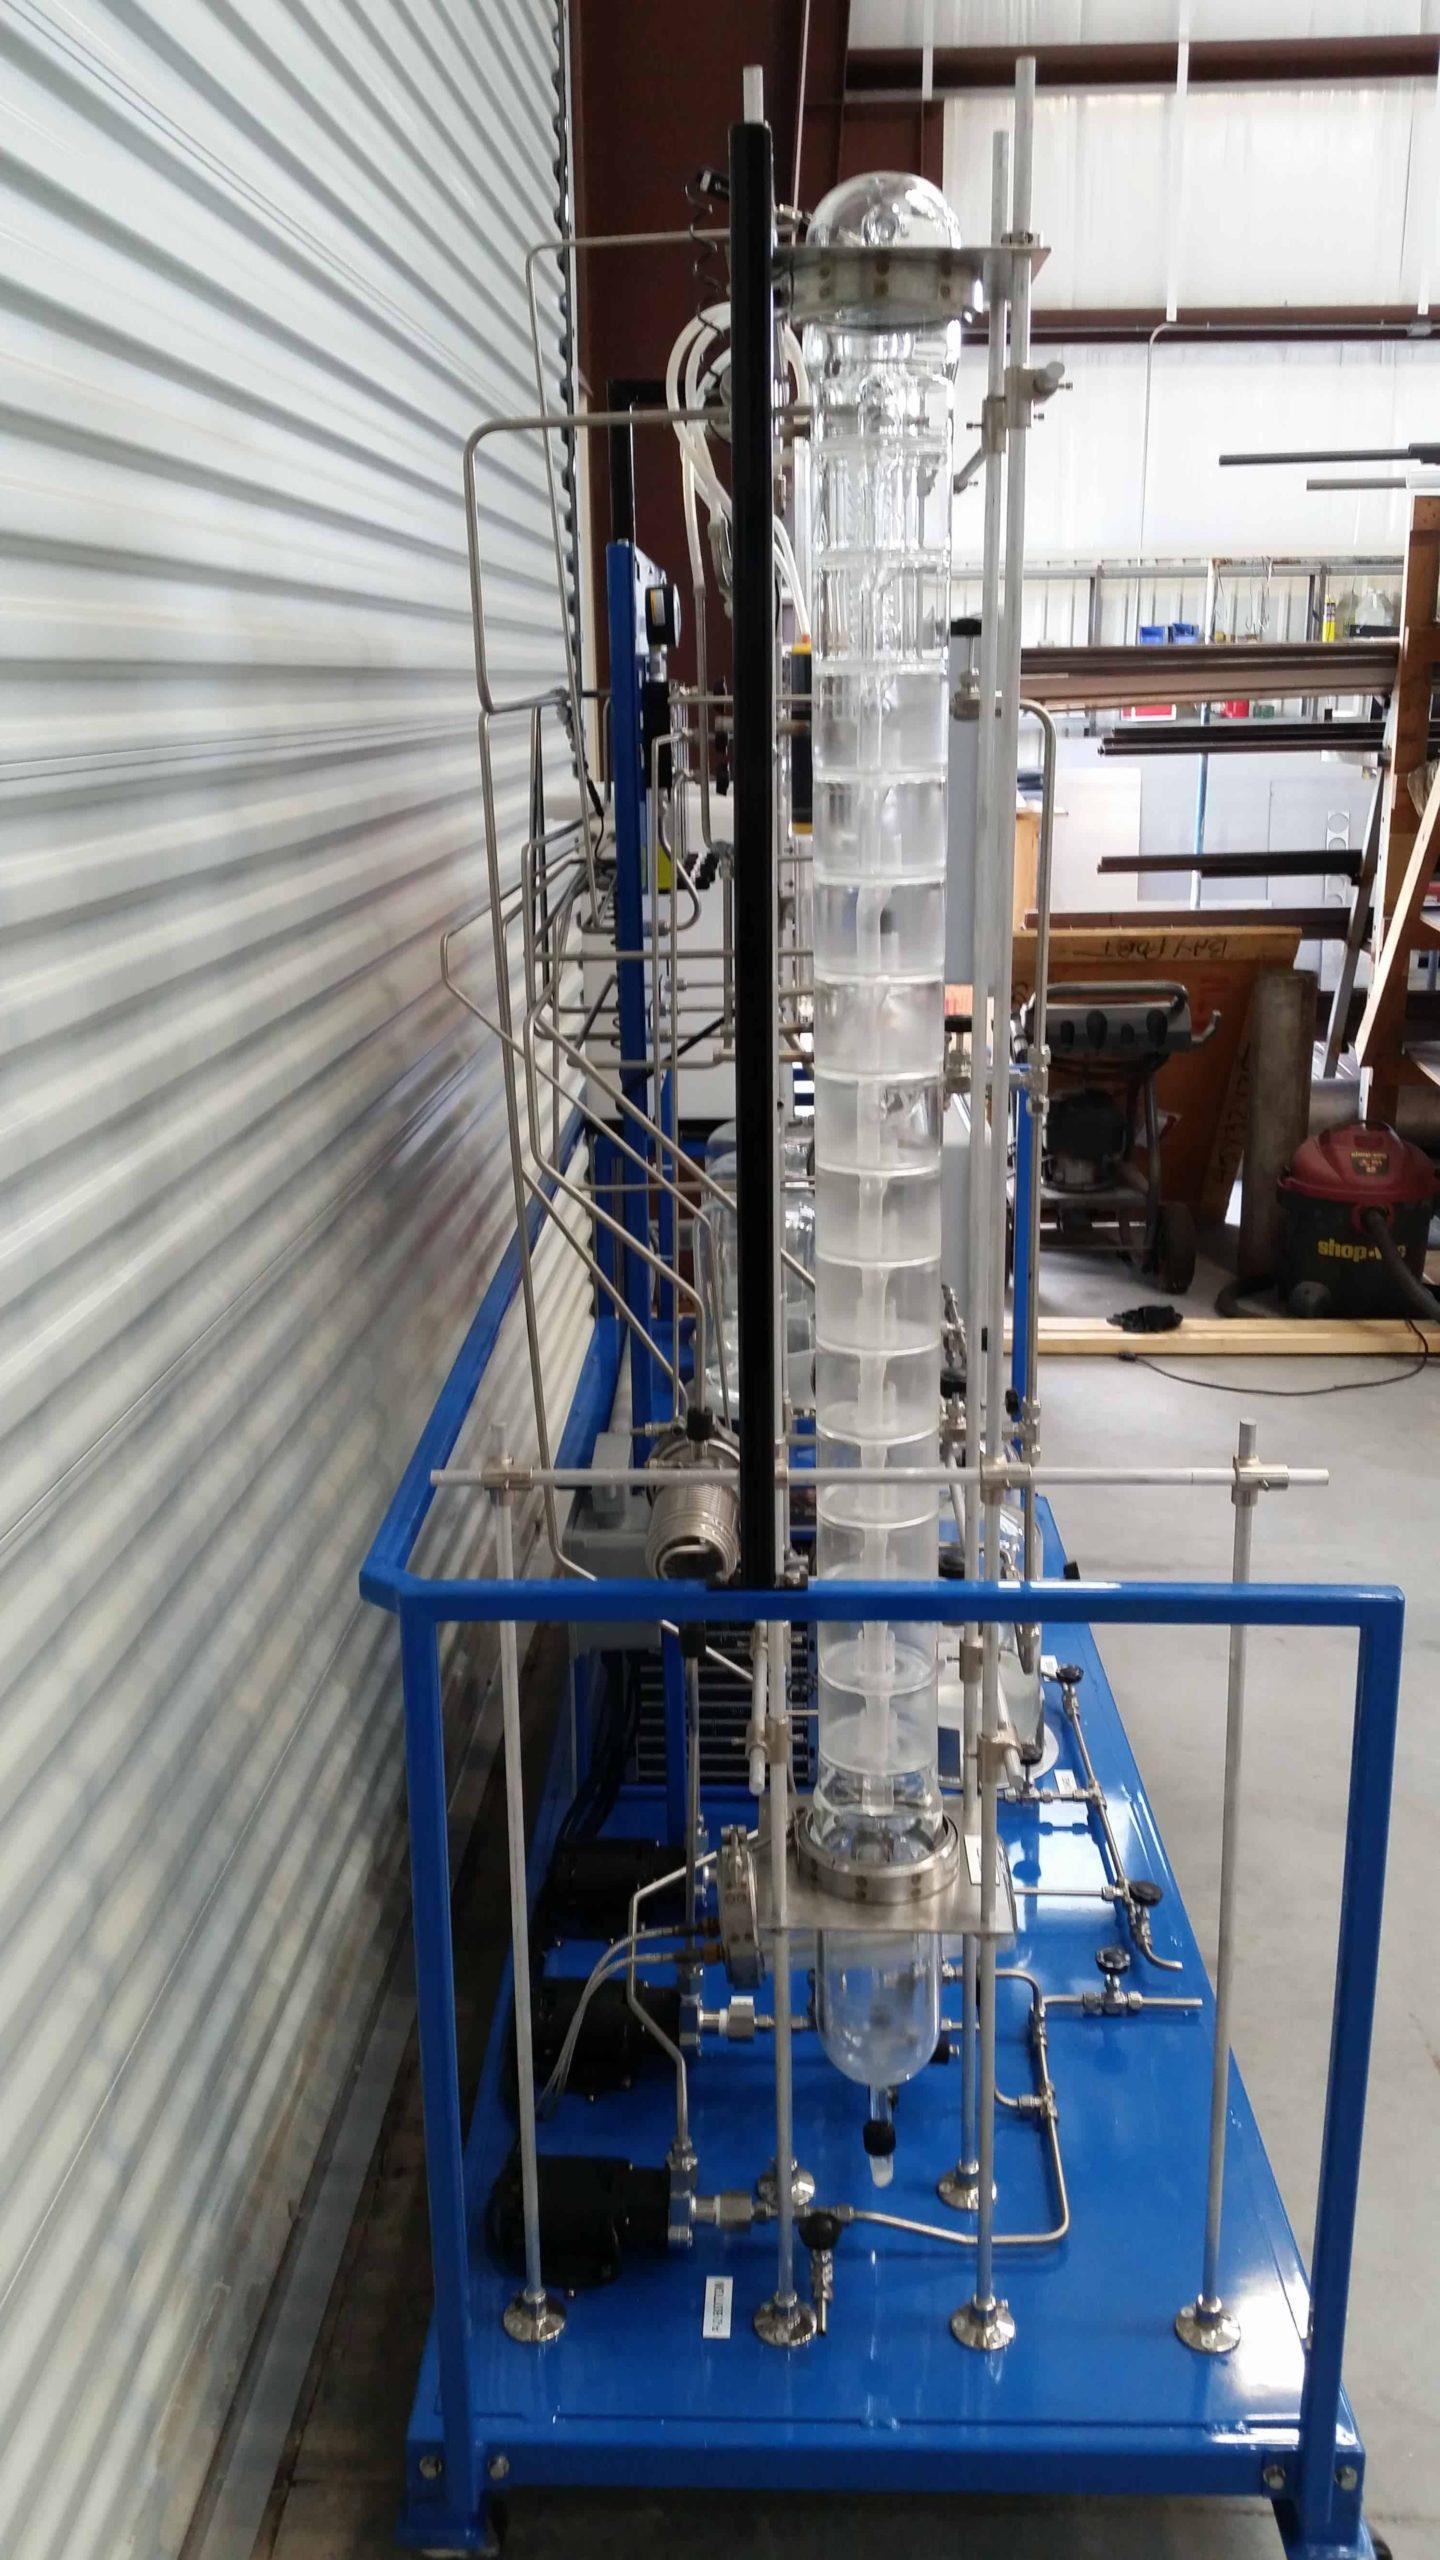 Bayport Technical | 130-DTU1 Distillation Trainer